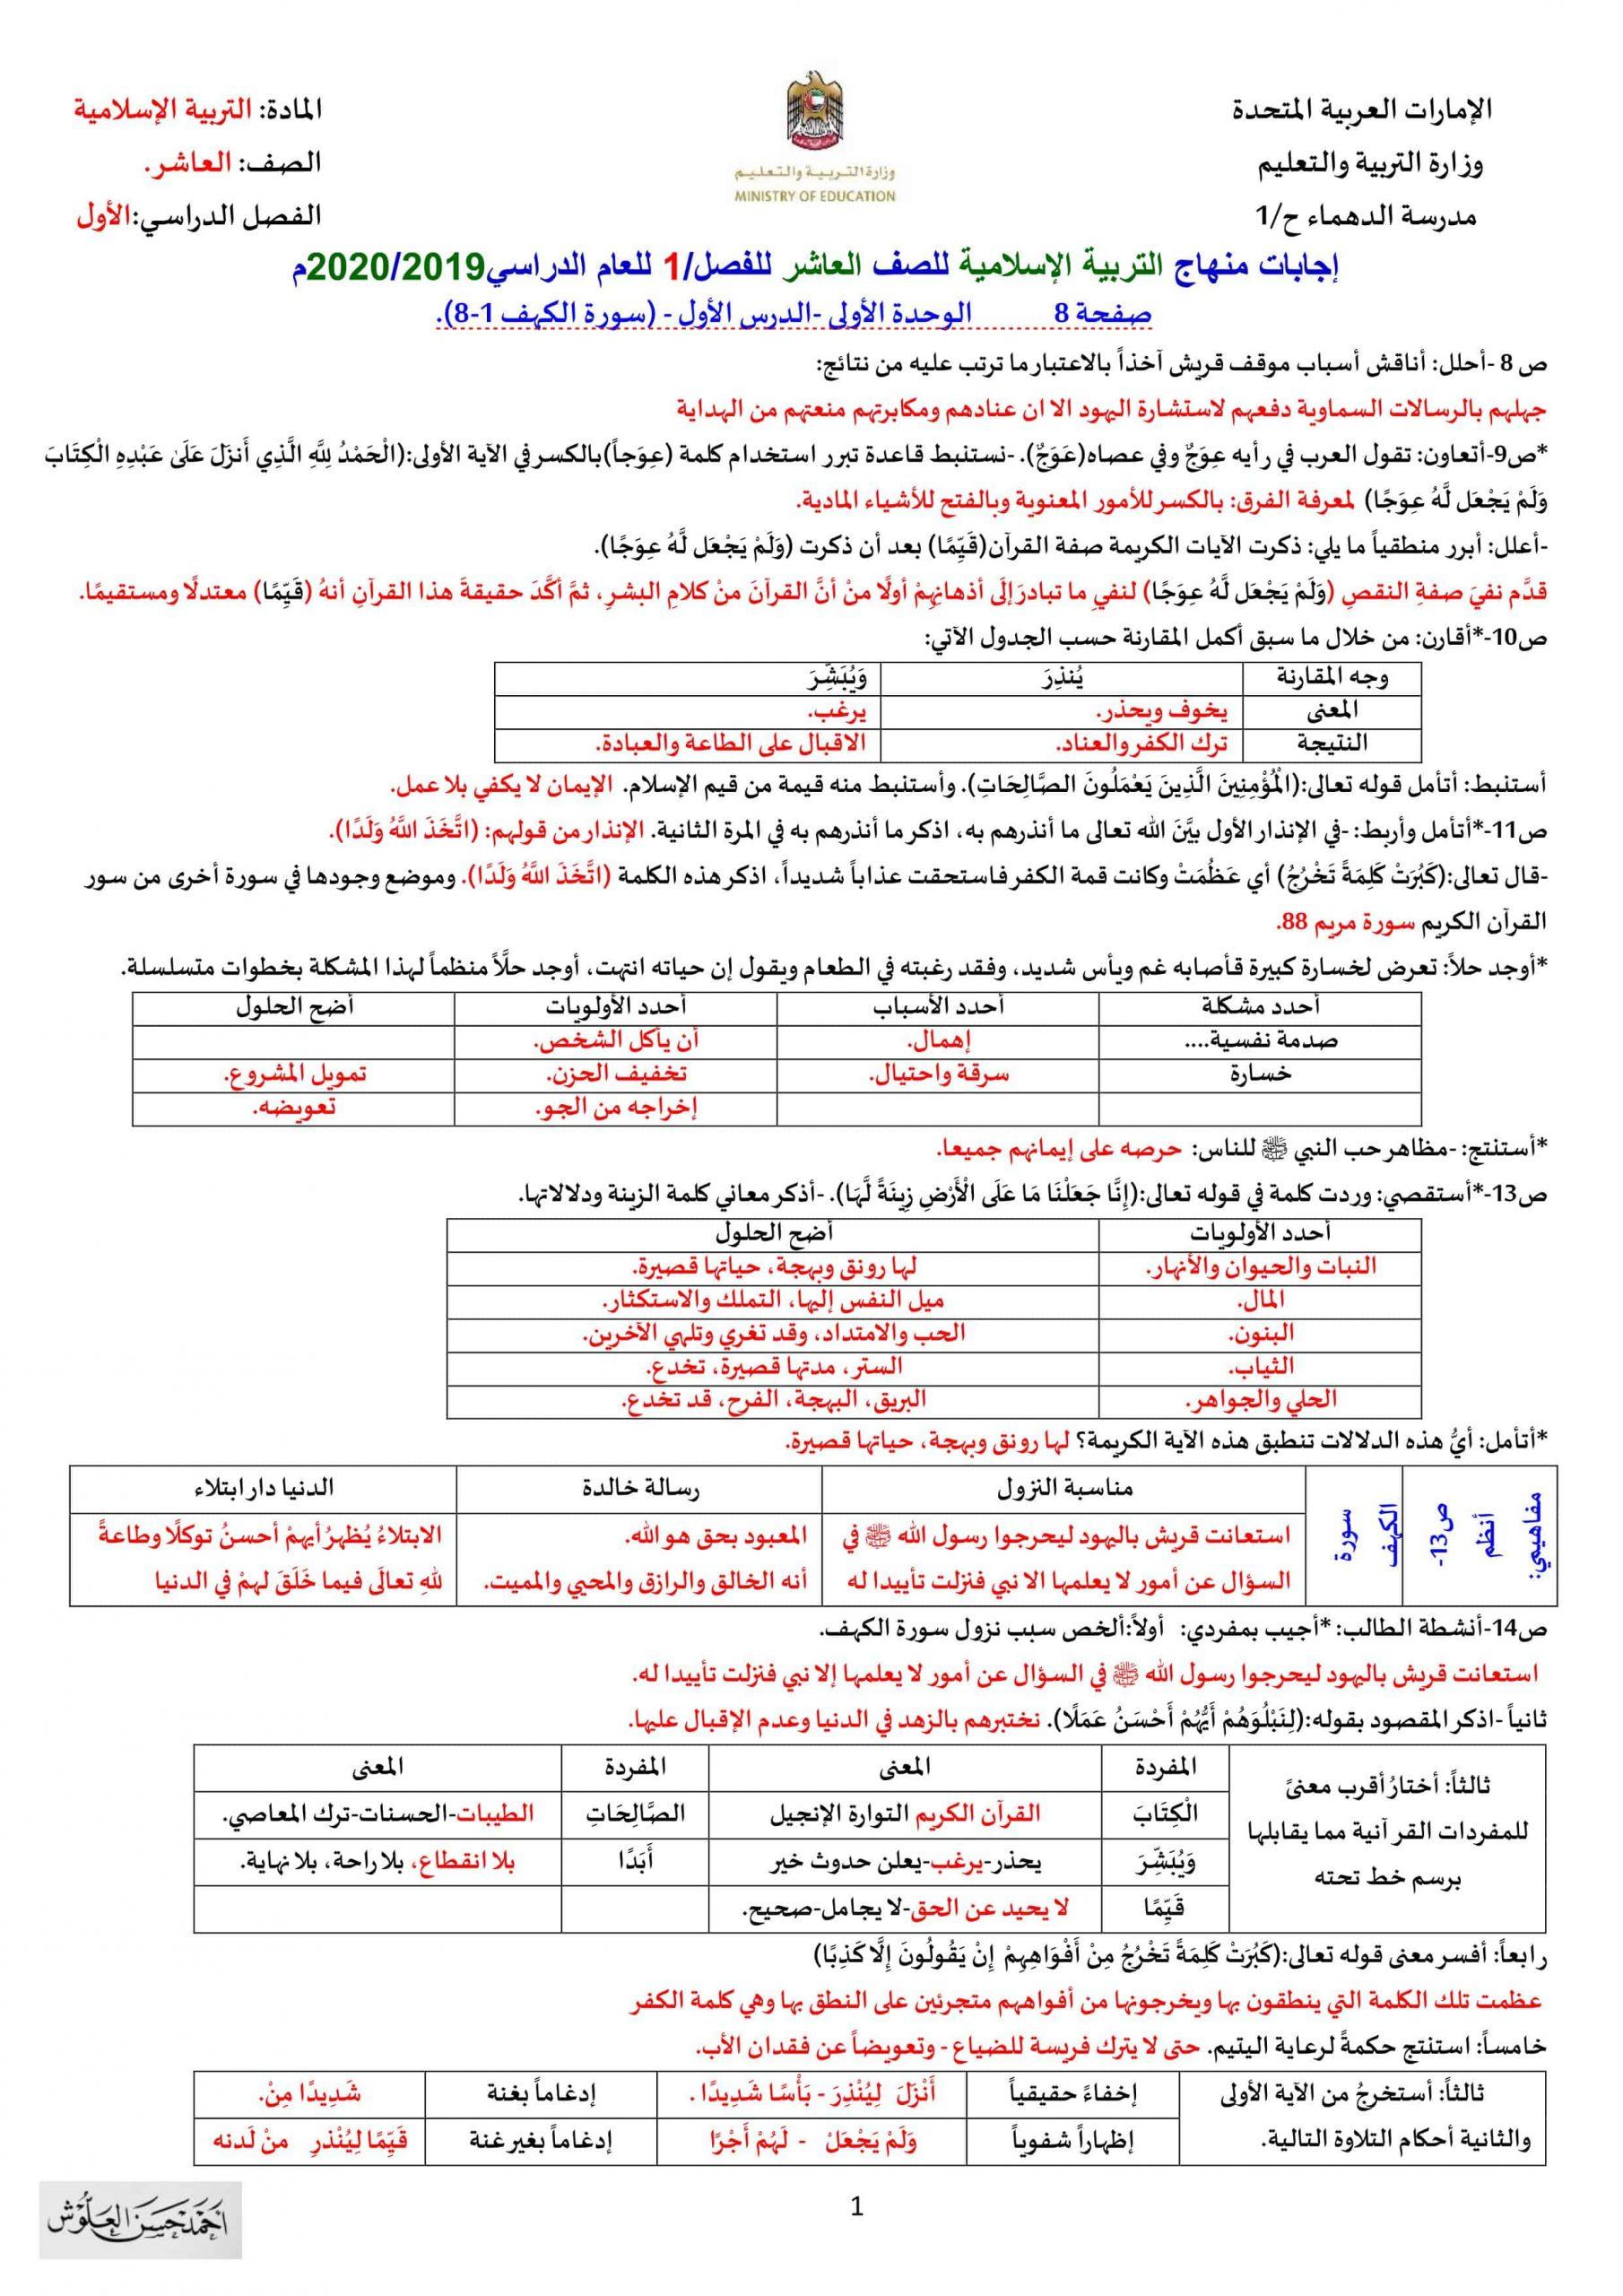 حل اوراق عمل تدريبات شاملة الصف العاشر مادة التربية الاسلامية